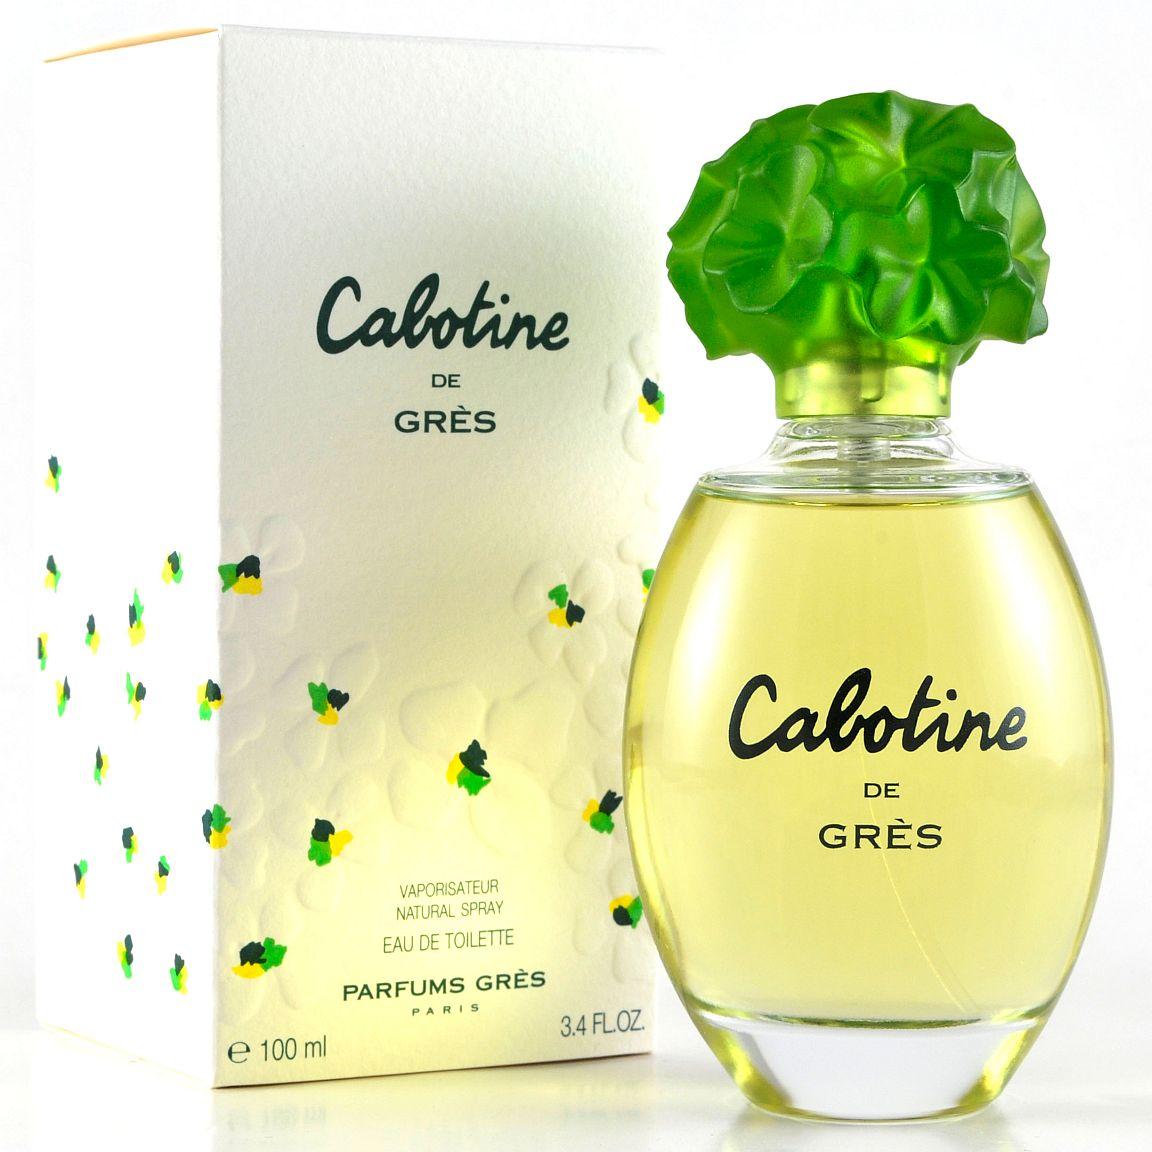 cabotine perfume precio en paraguay